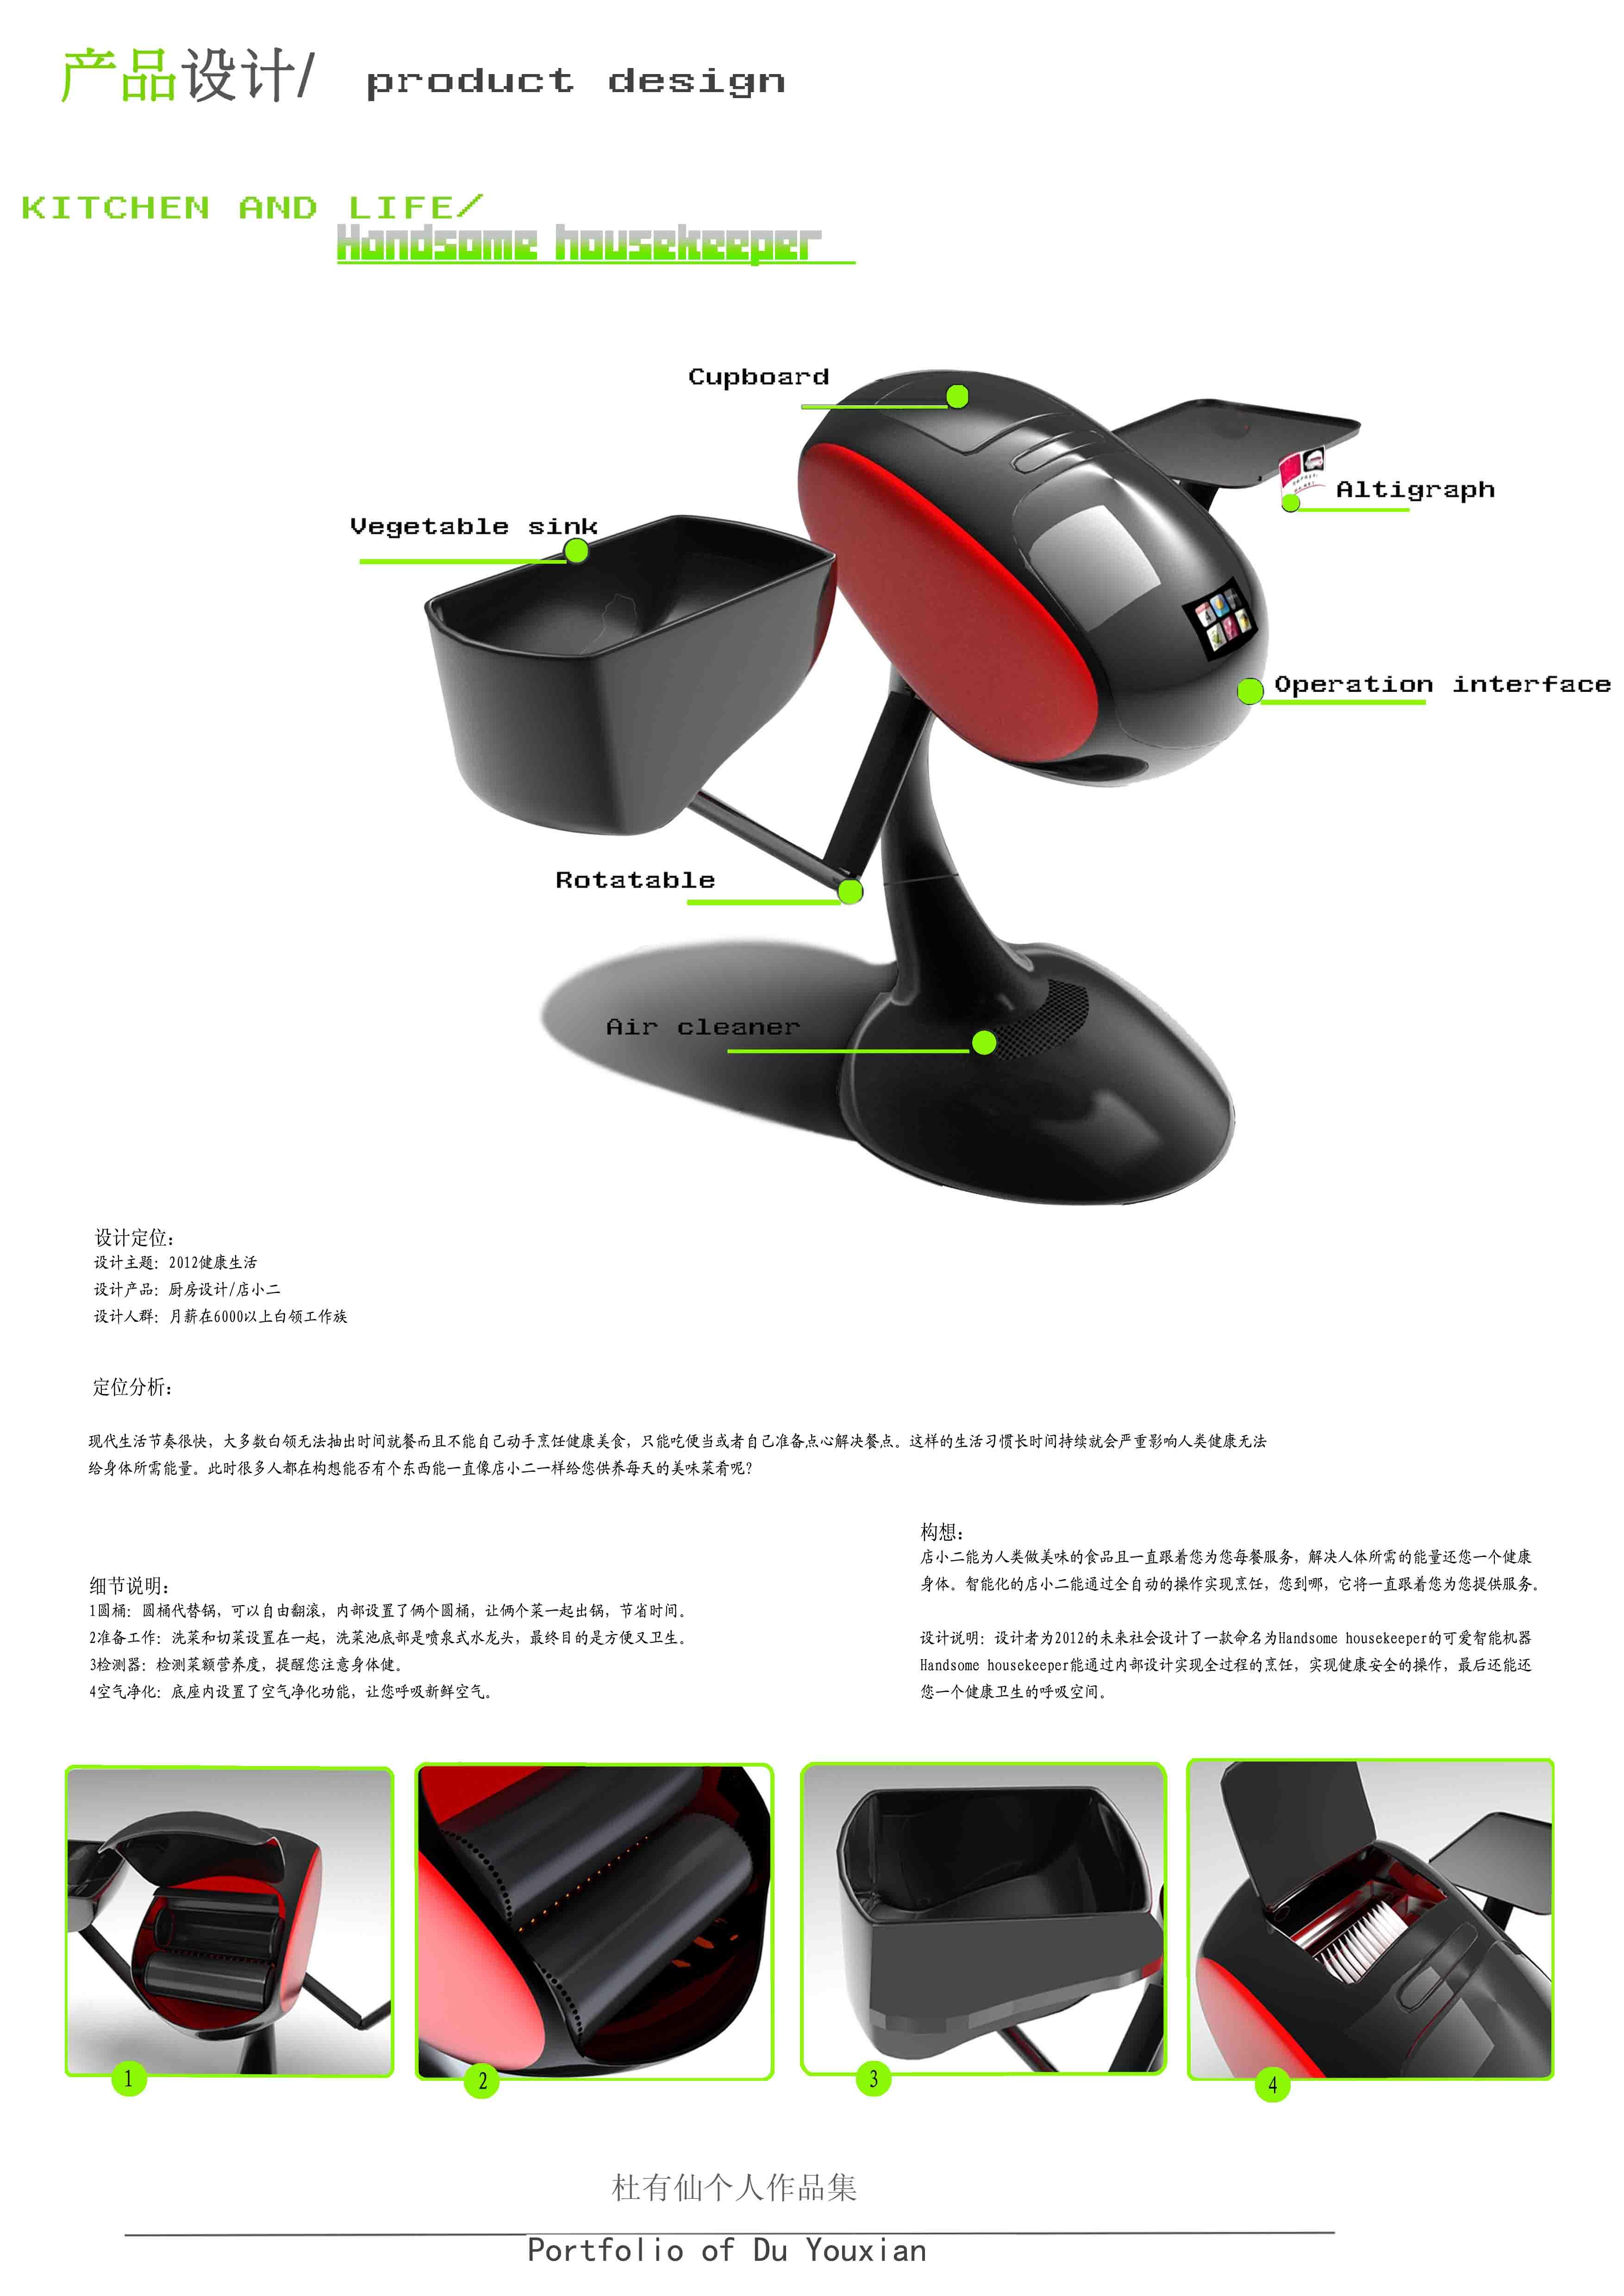 工业设计产品效果图图片